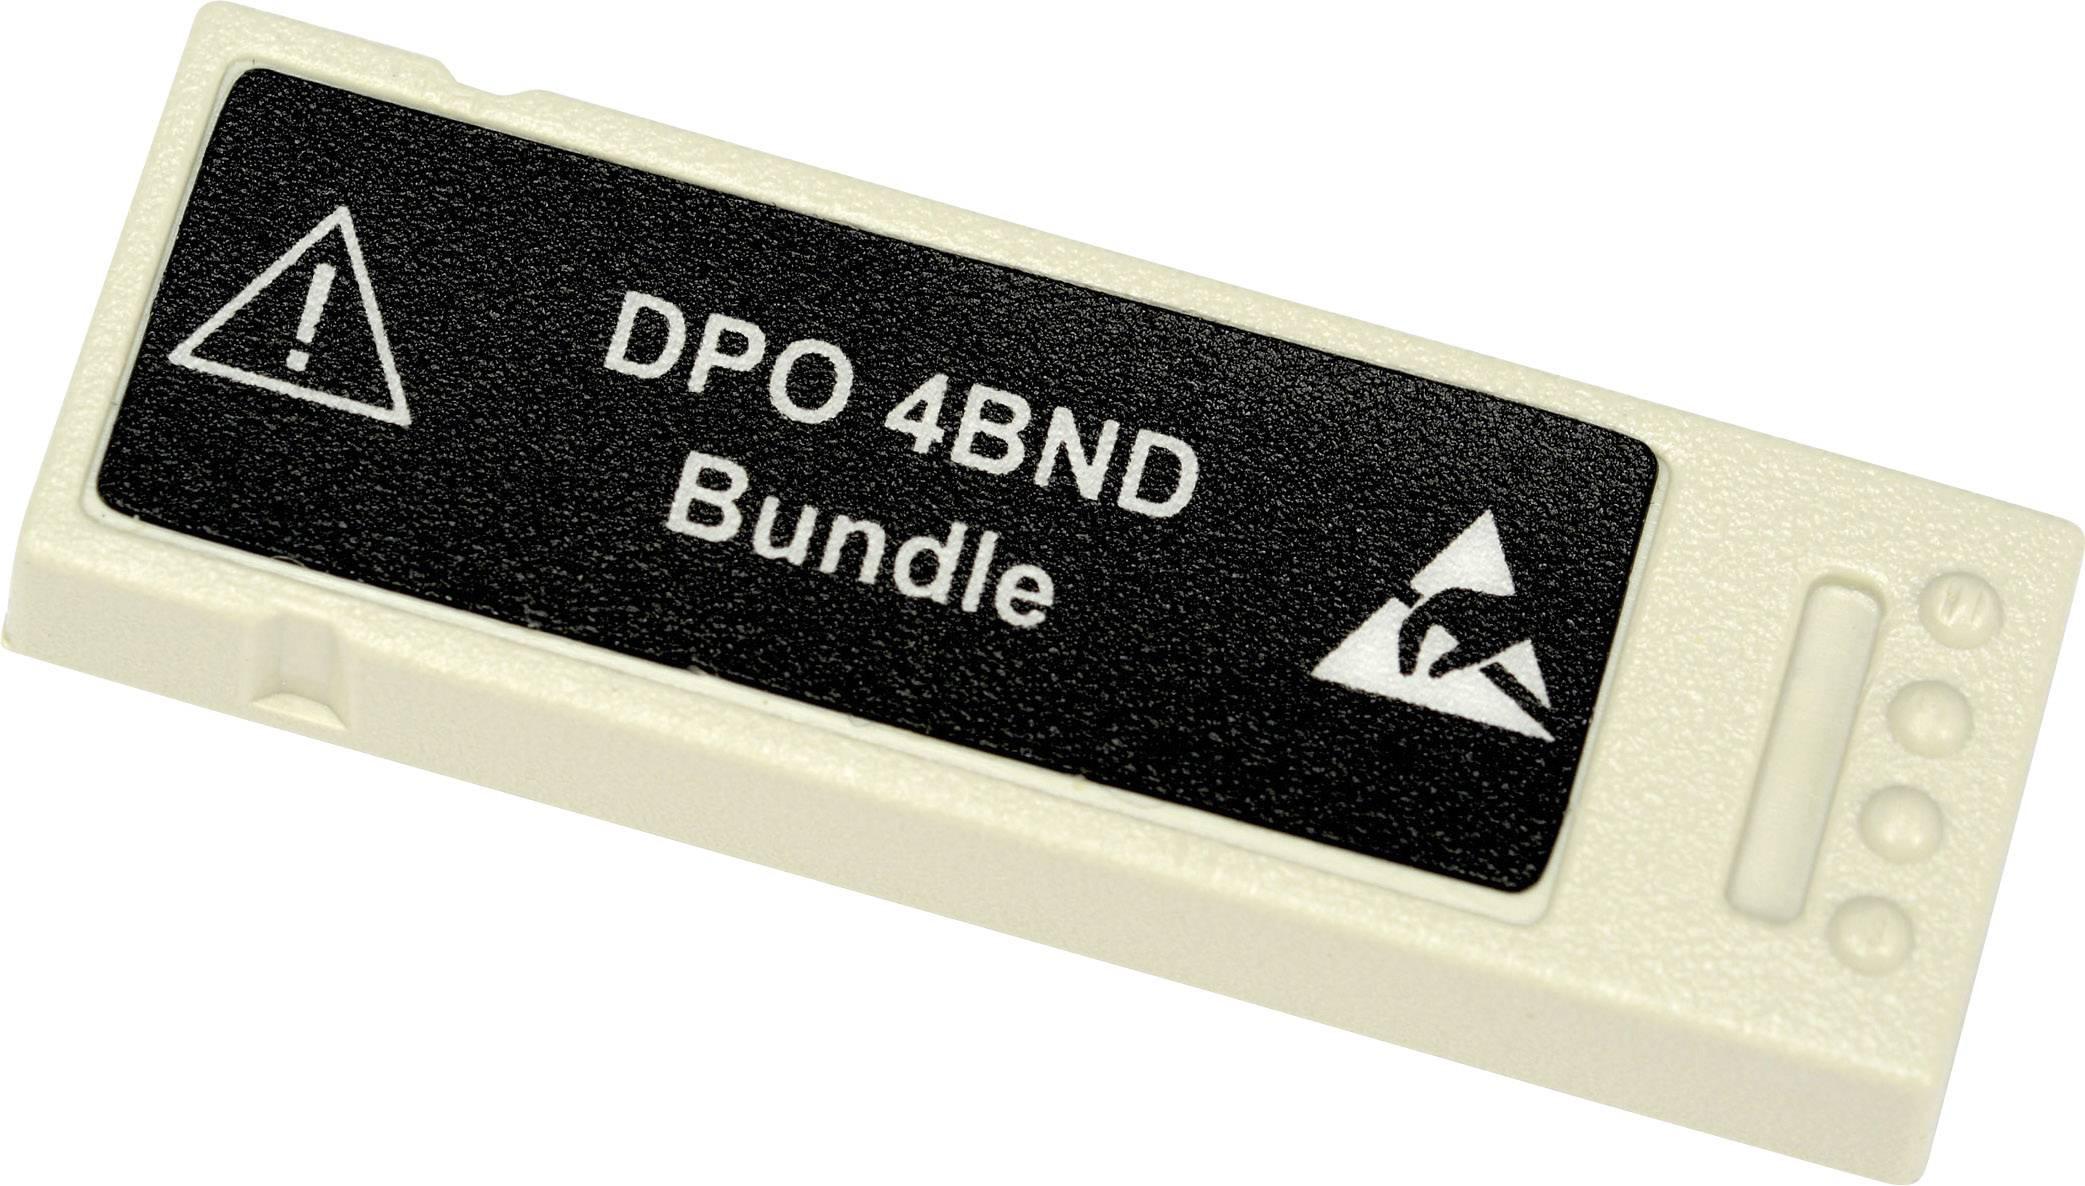 Tektronix DPO4BND Tektronix DPO4BND MSO/DPO/MDO4000B Software